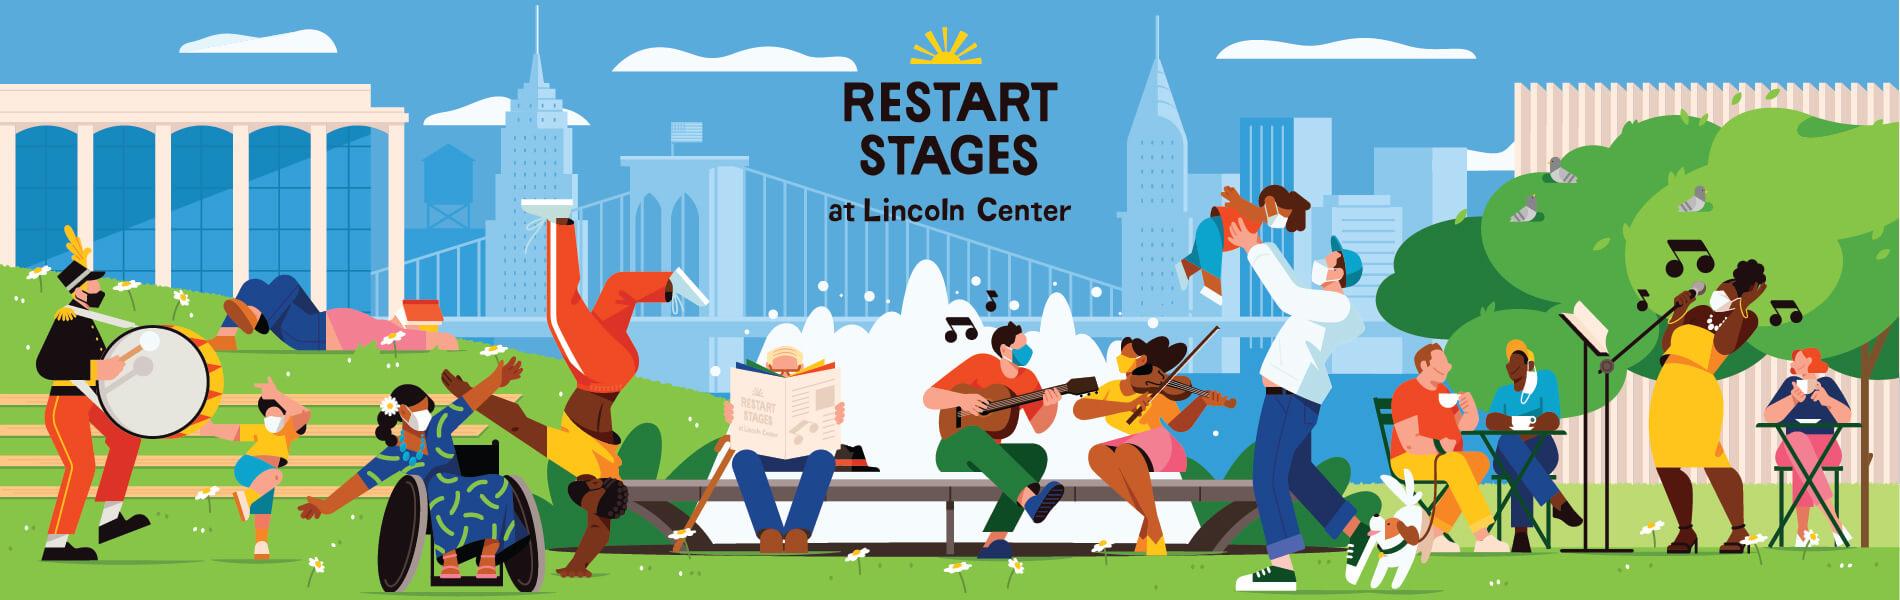 lincoln center restart stages parking